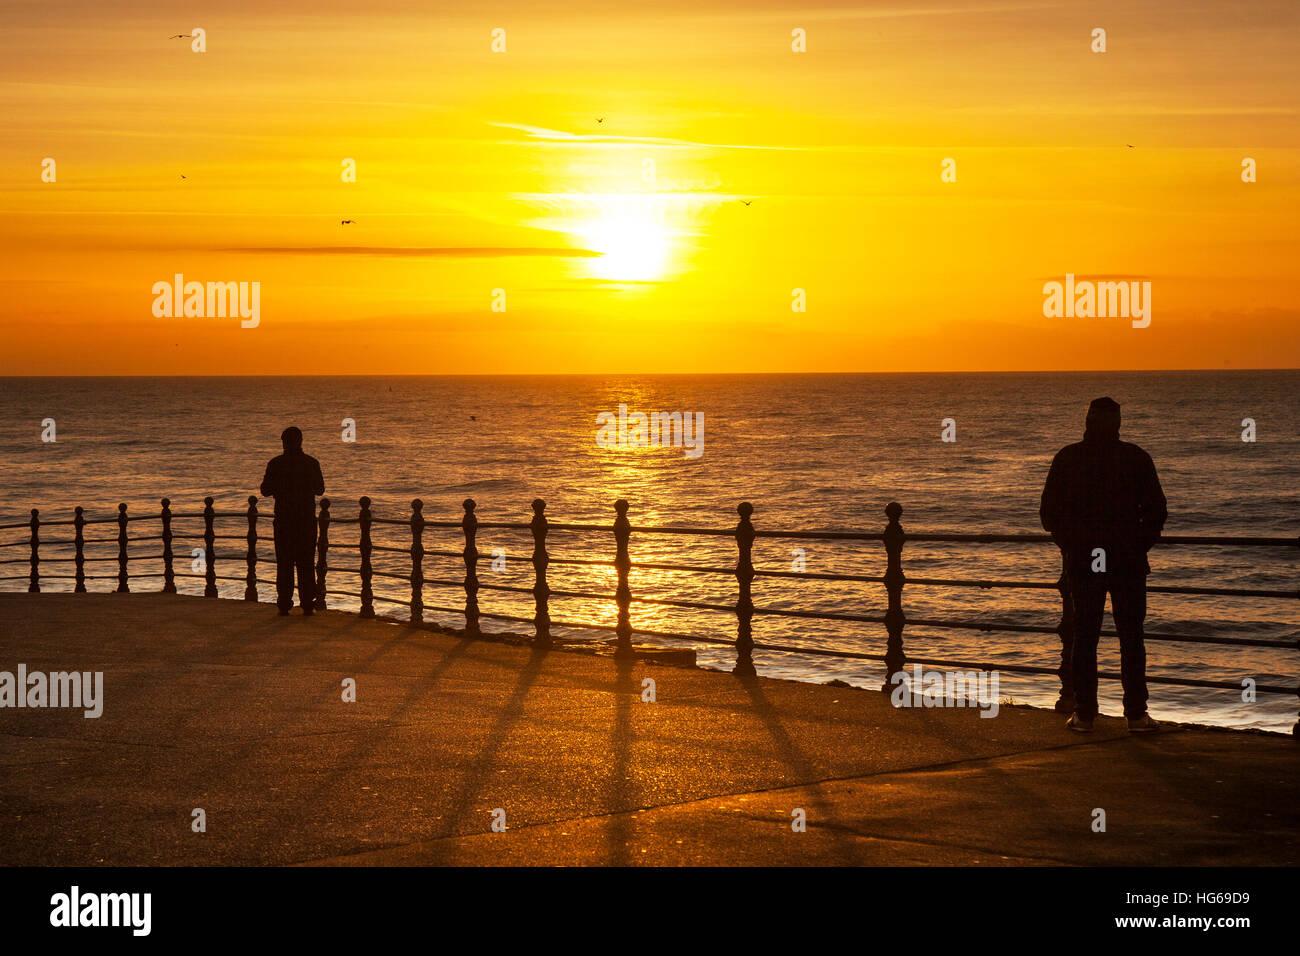 Blackpool, Lancashire, UK. Uk Weather. 4th January, 2017. People enjoying the Sunset at Blackpool, as the sun sets - Stock Image